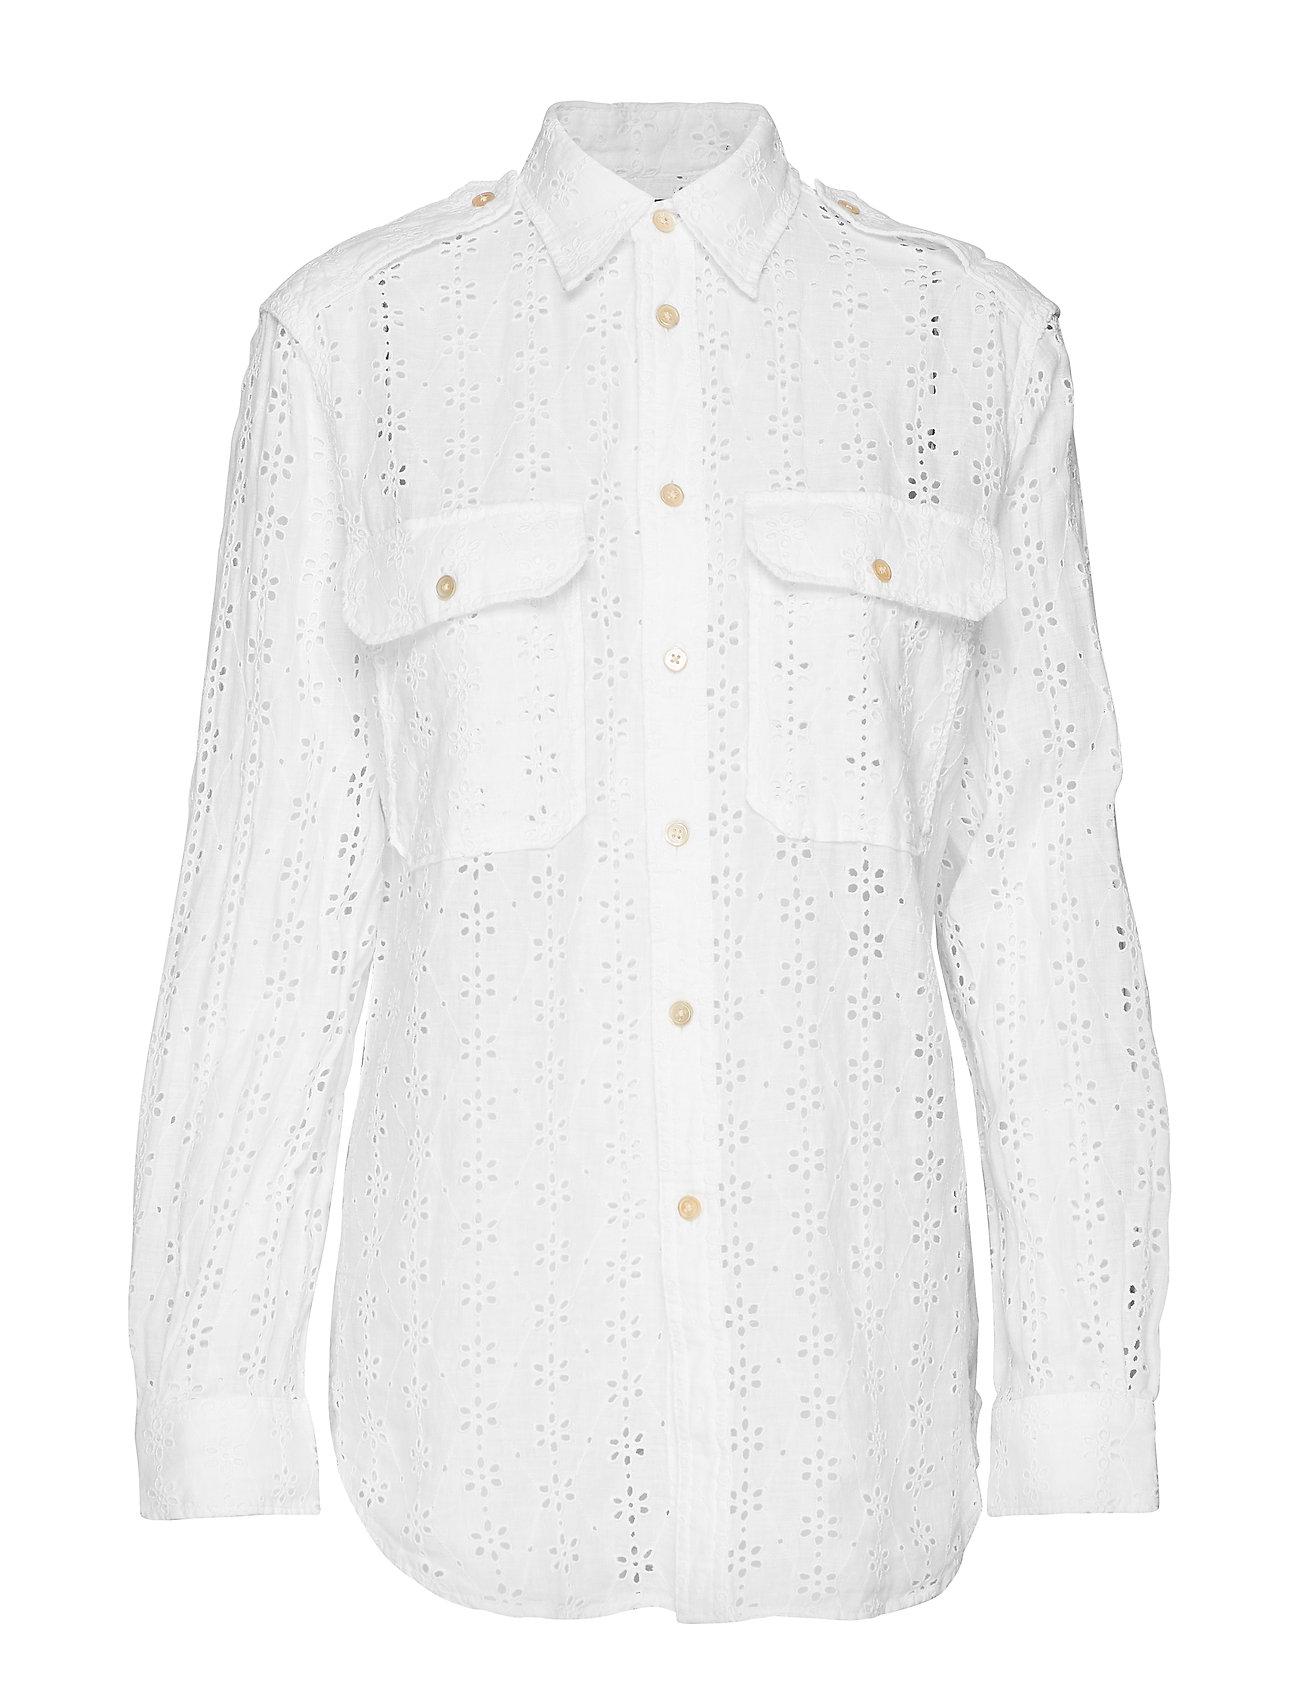 Polo Ralph Lauren Eyelet Linen Shirt